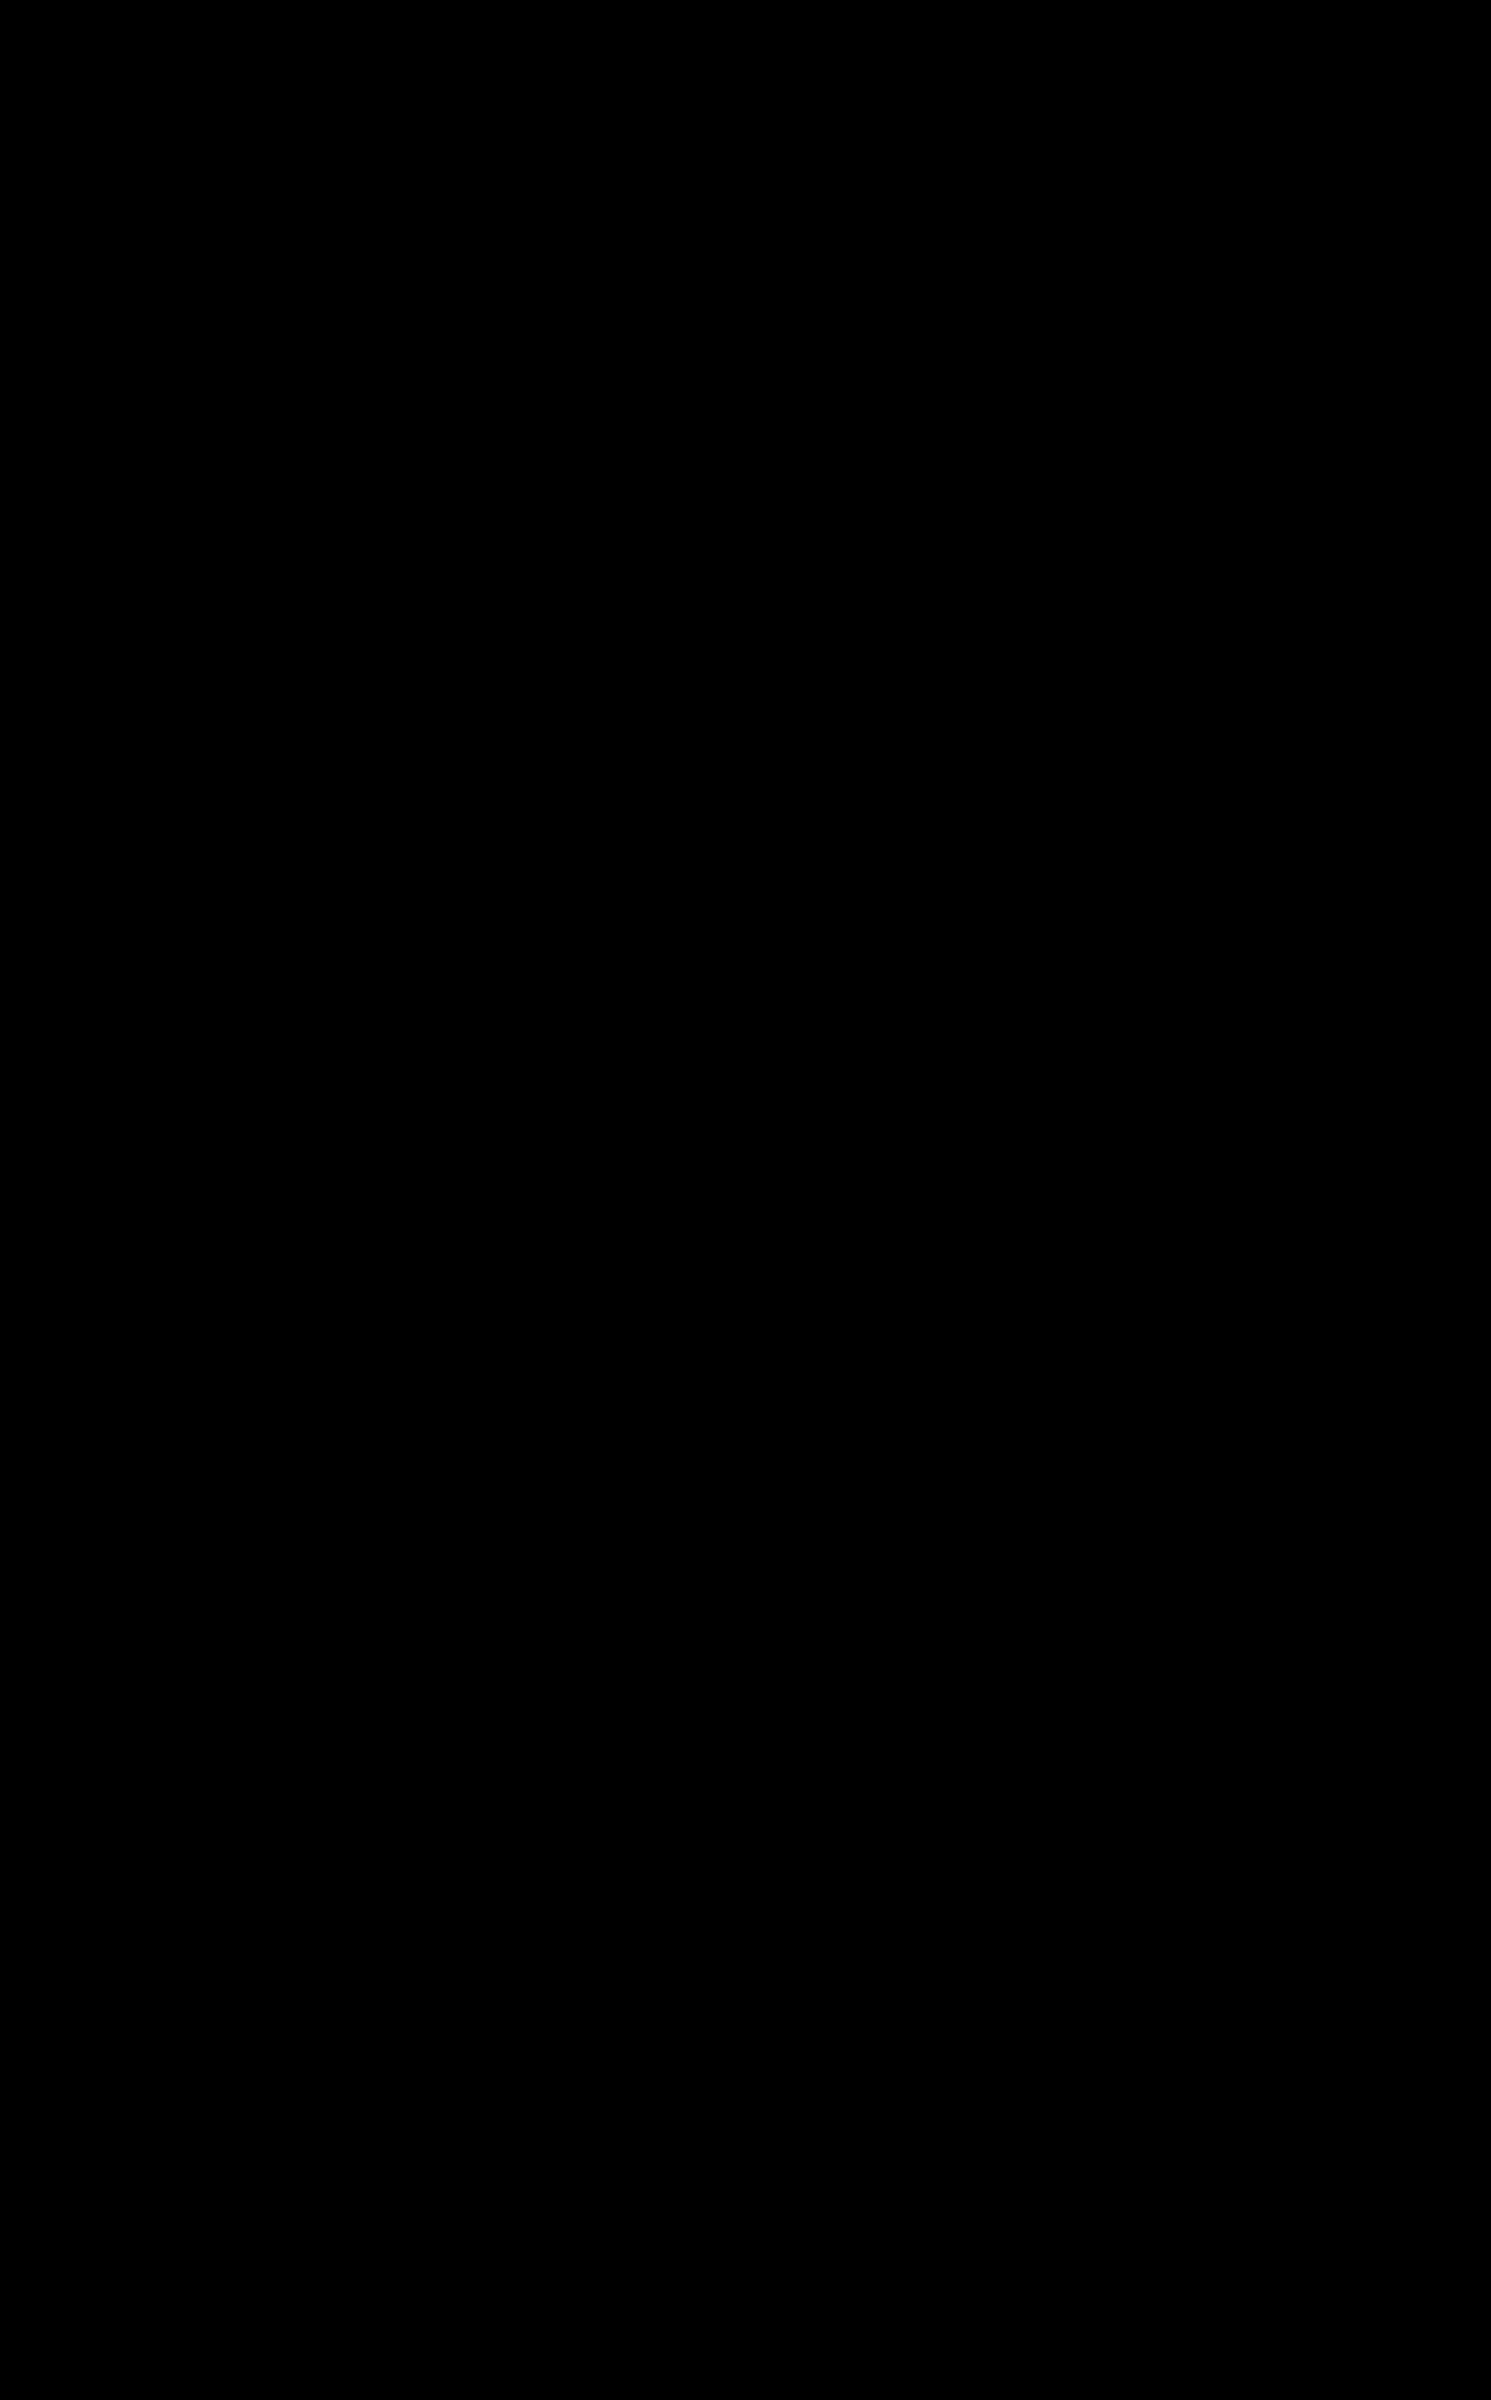 Gondolier Clipart.